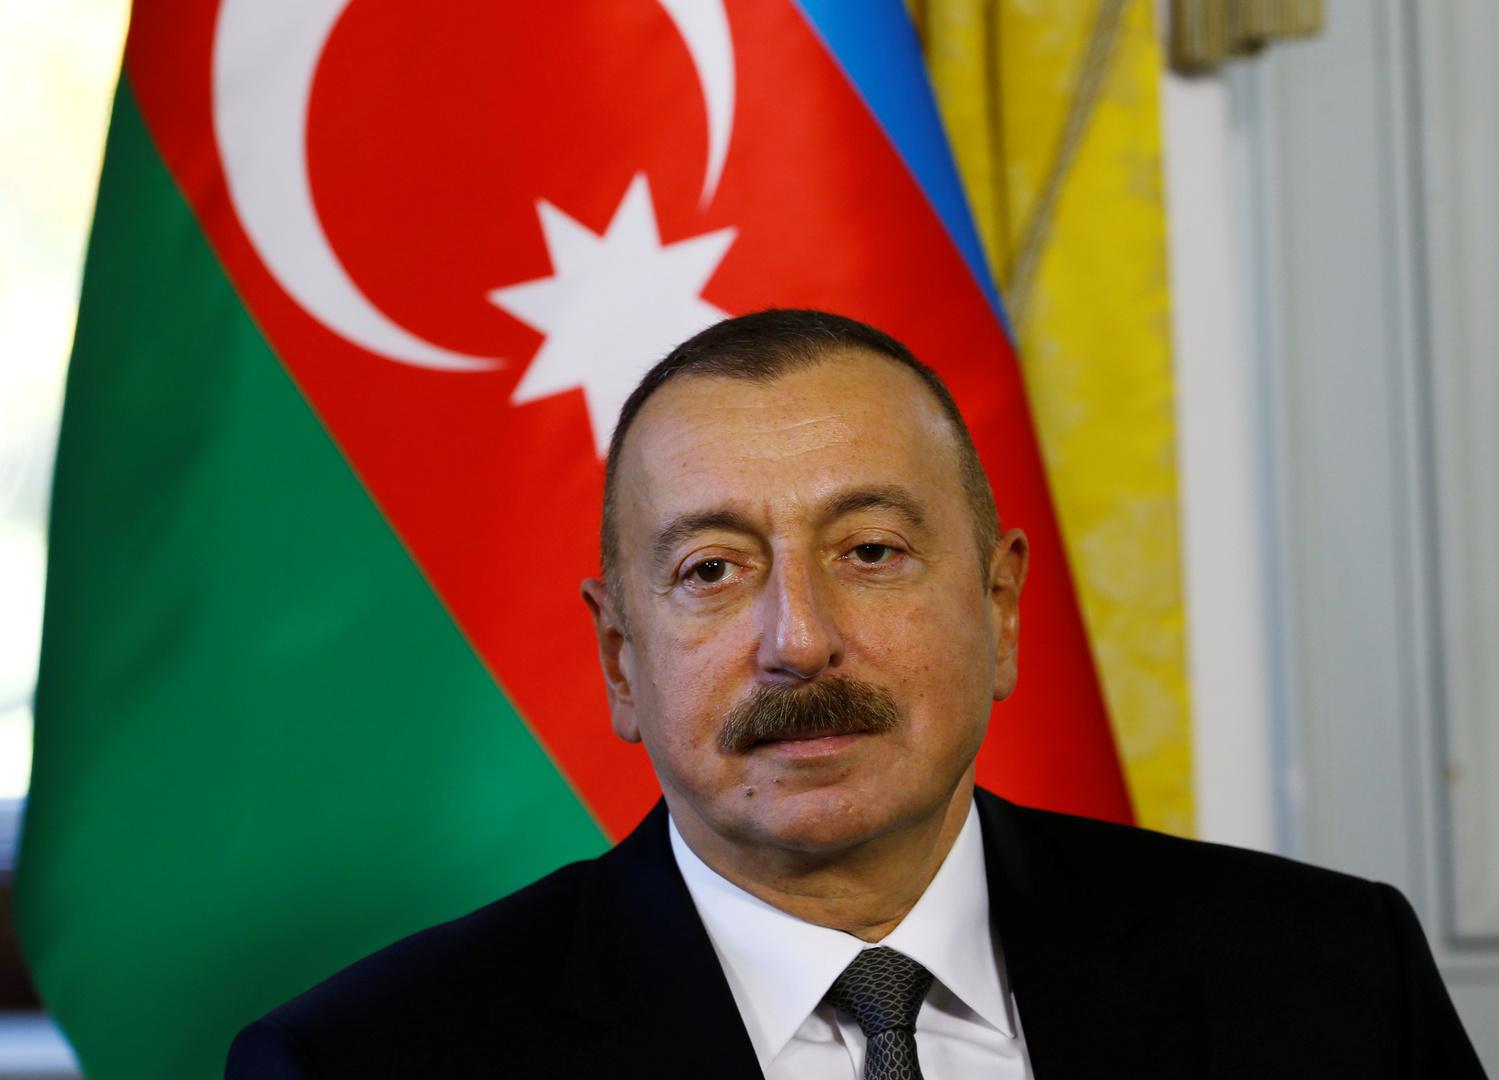 علييف: يجب تسوية الصراع في قره باغ بناء على قرارات مجلس الأمن